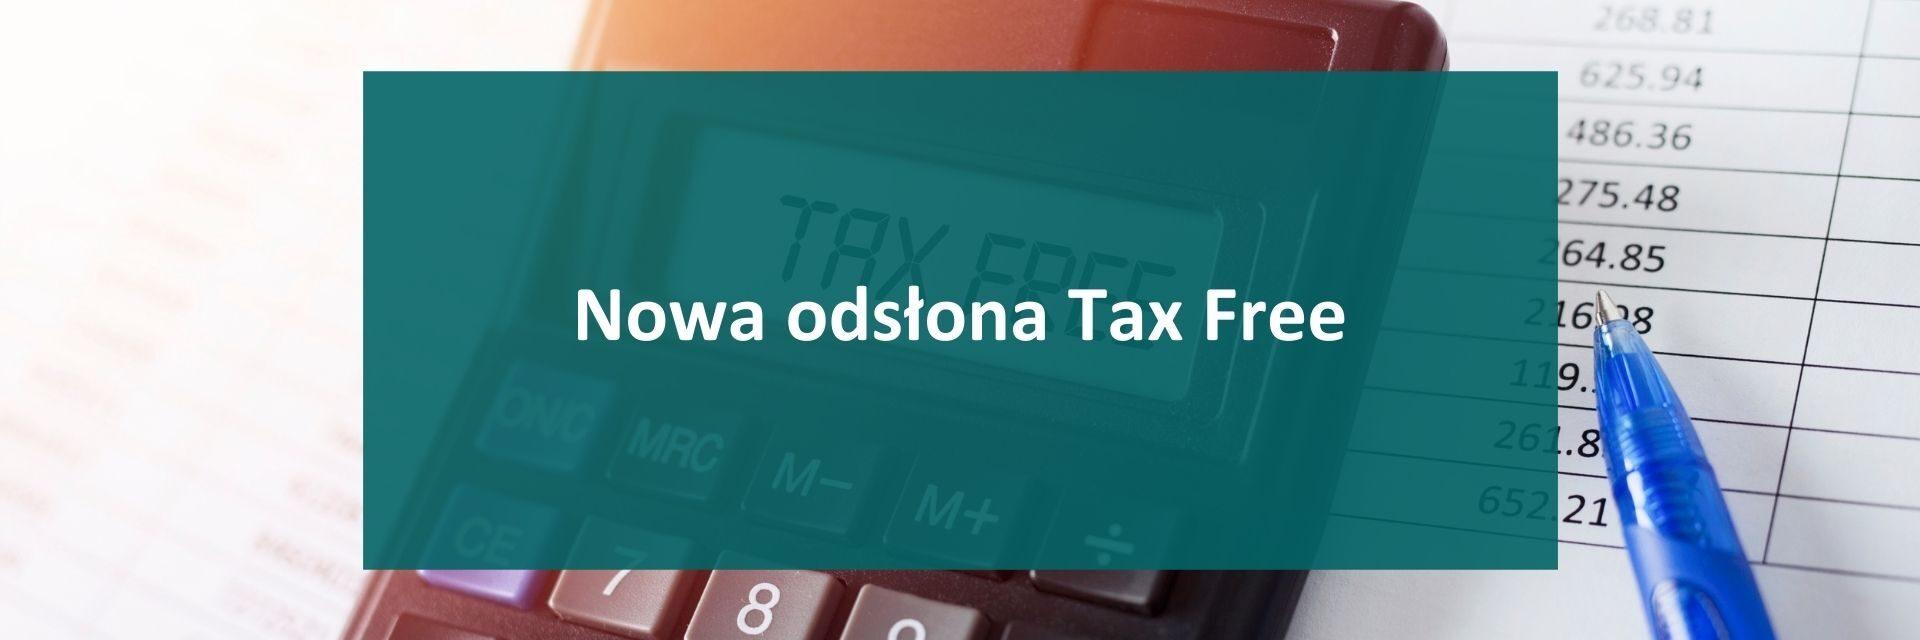 Nowa odsłona Tax Free